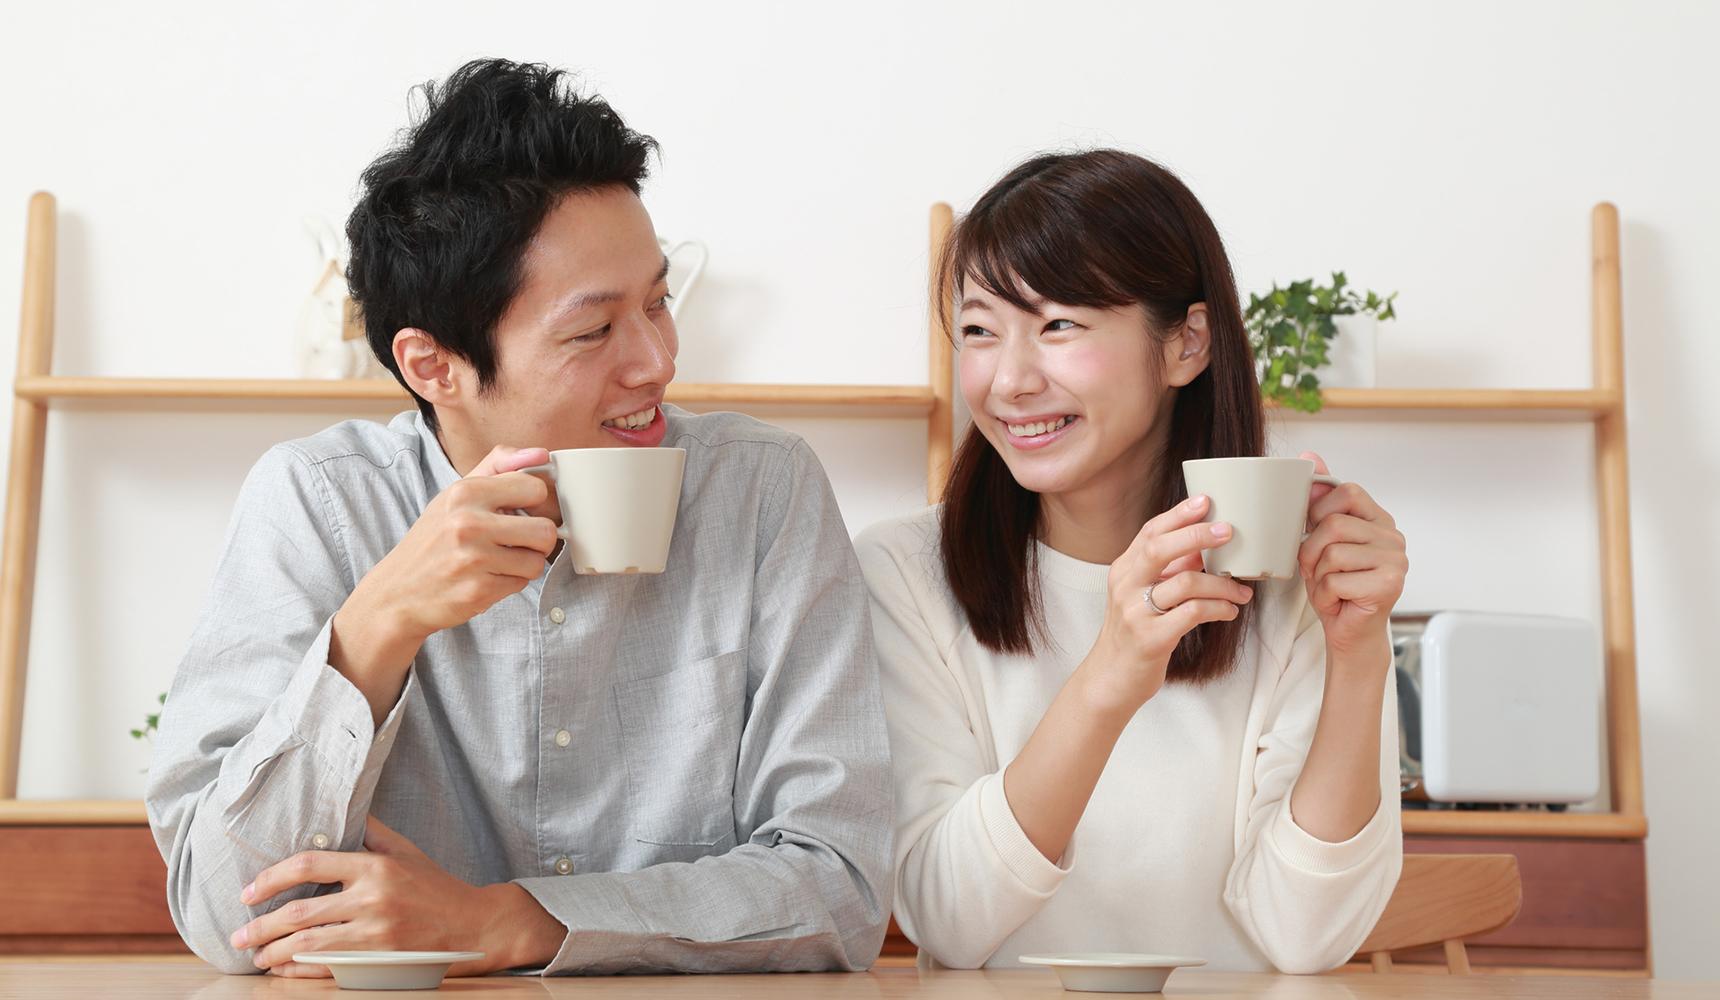 20代・30代中心/婚活・恋活編婚活応援企画『きっと見つかるステキな出会い』